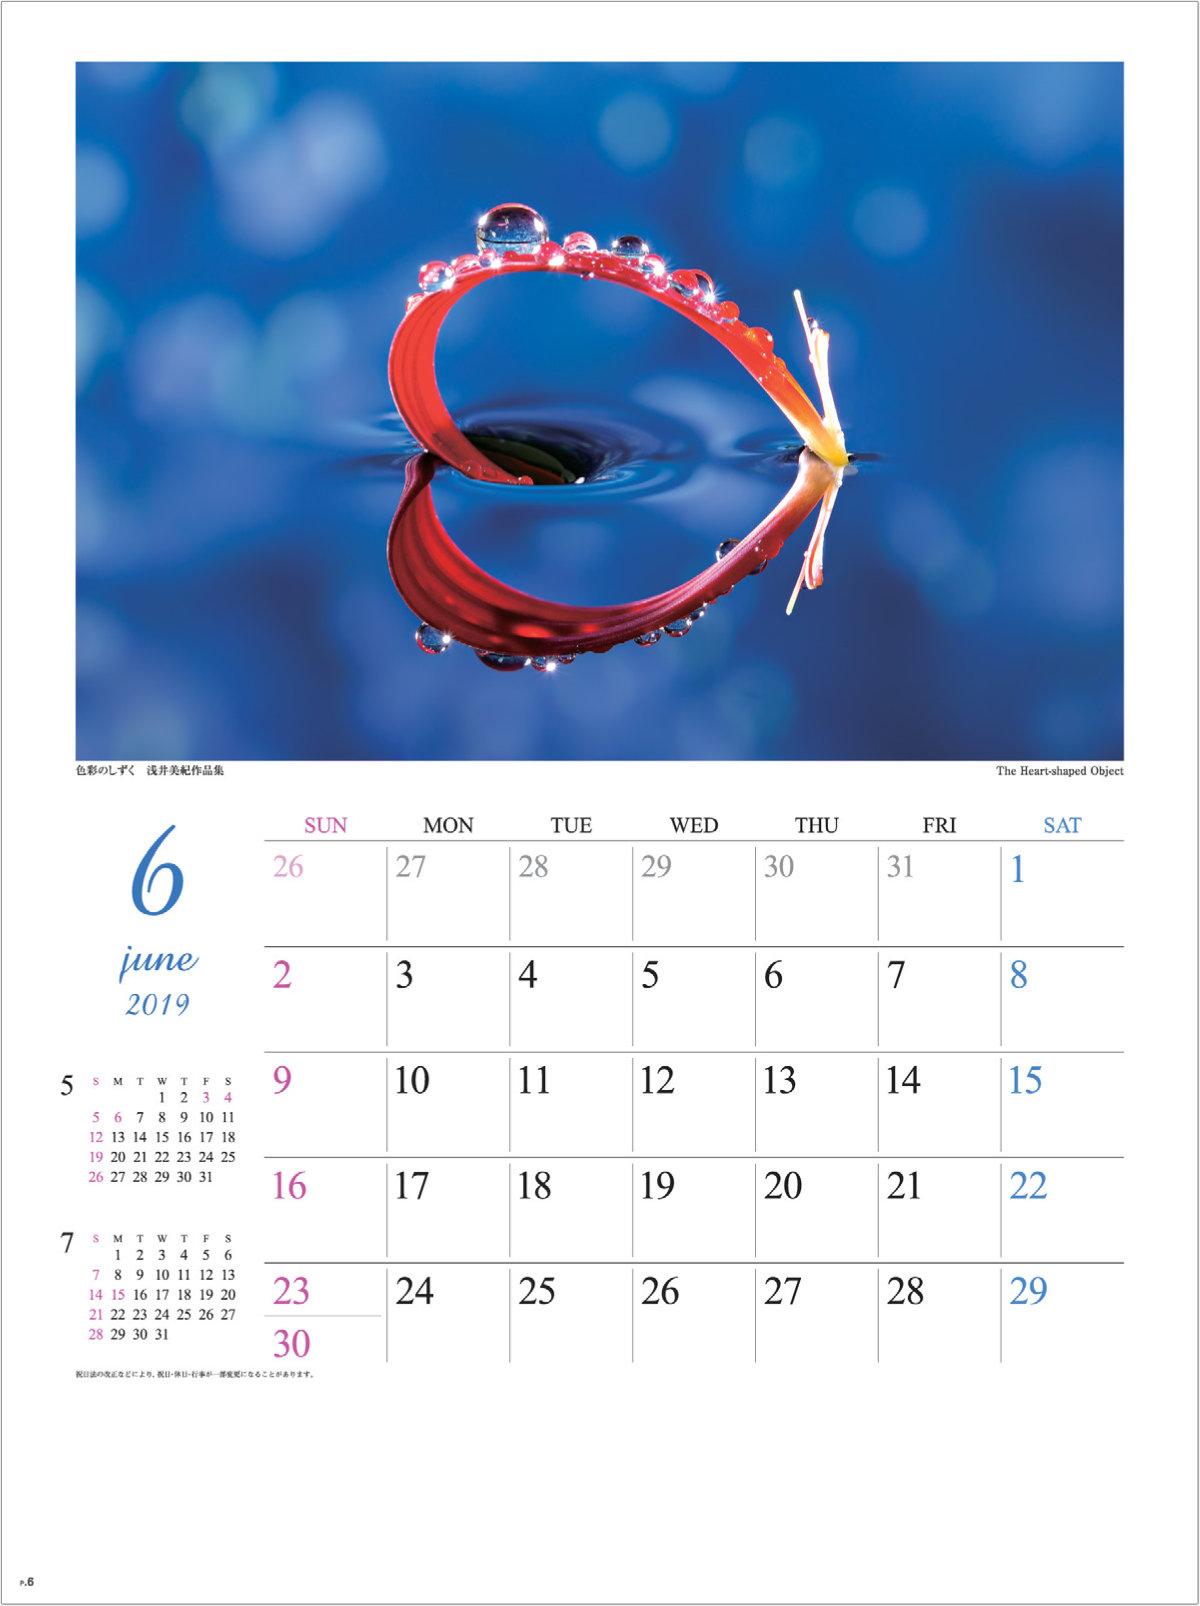 画像:浅井美紀 写真作品「The Heart Shaped Object」 色彩のしずく・浅井美紀作品集 2019年カレンダー